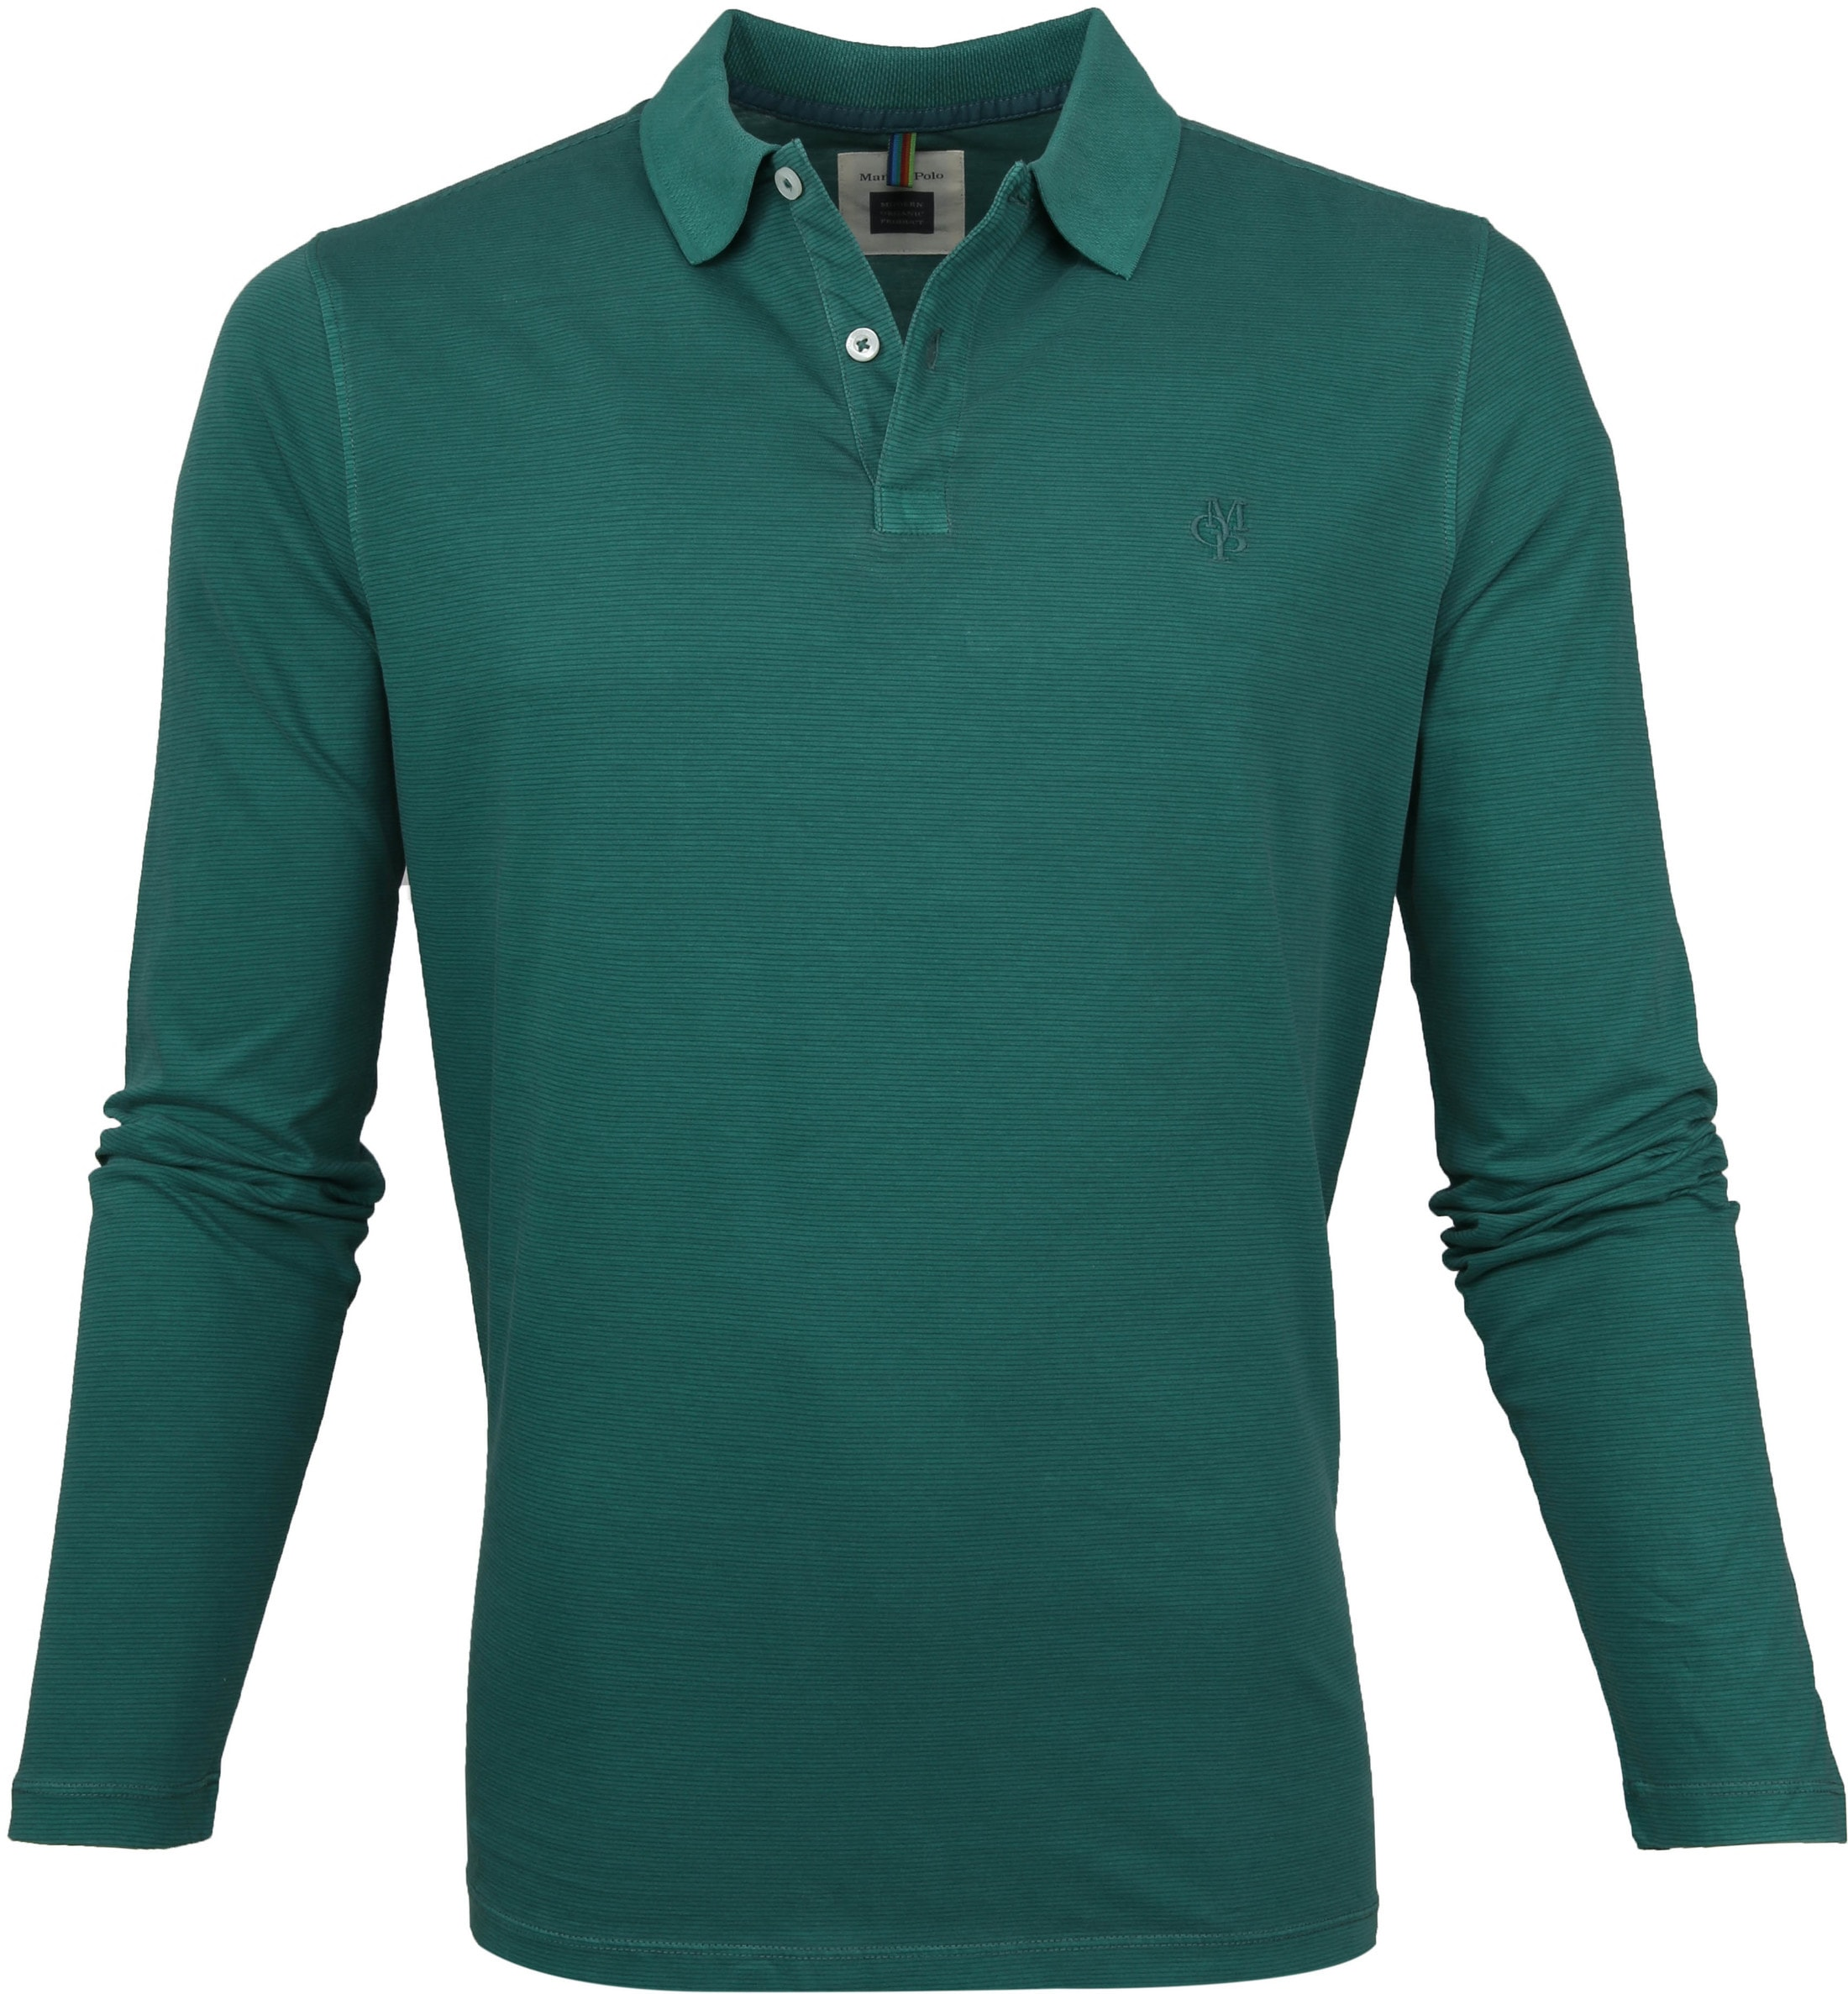 Marc O'Polo Poloshirt LS Strepen Groen